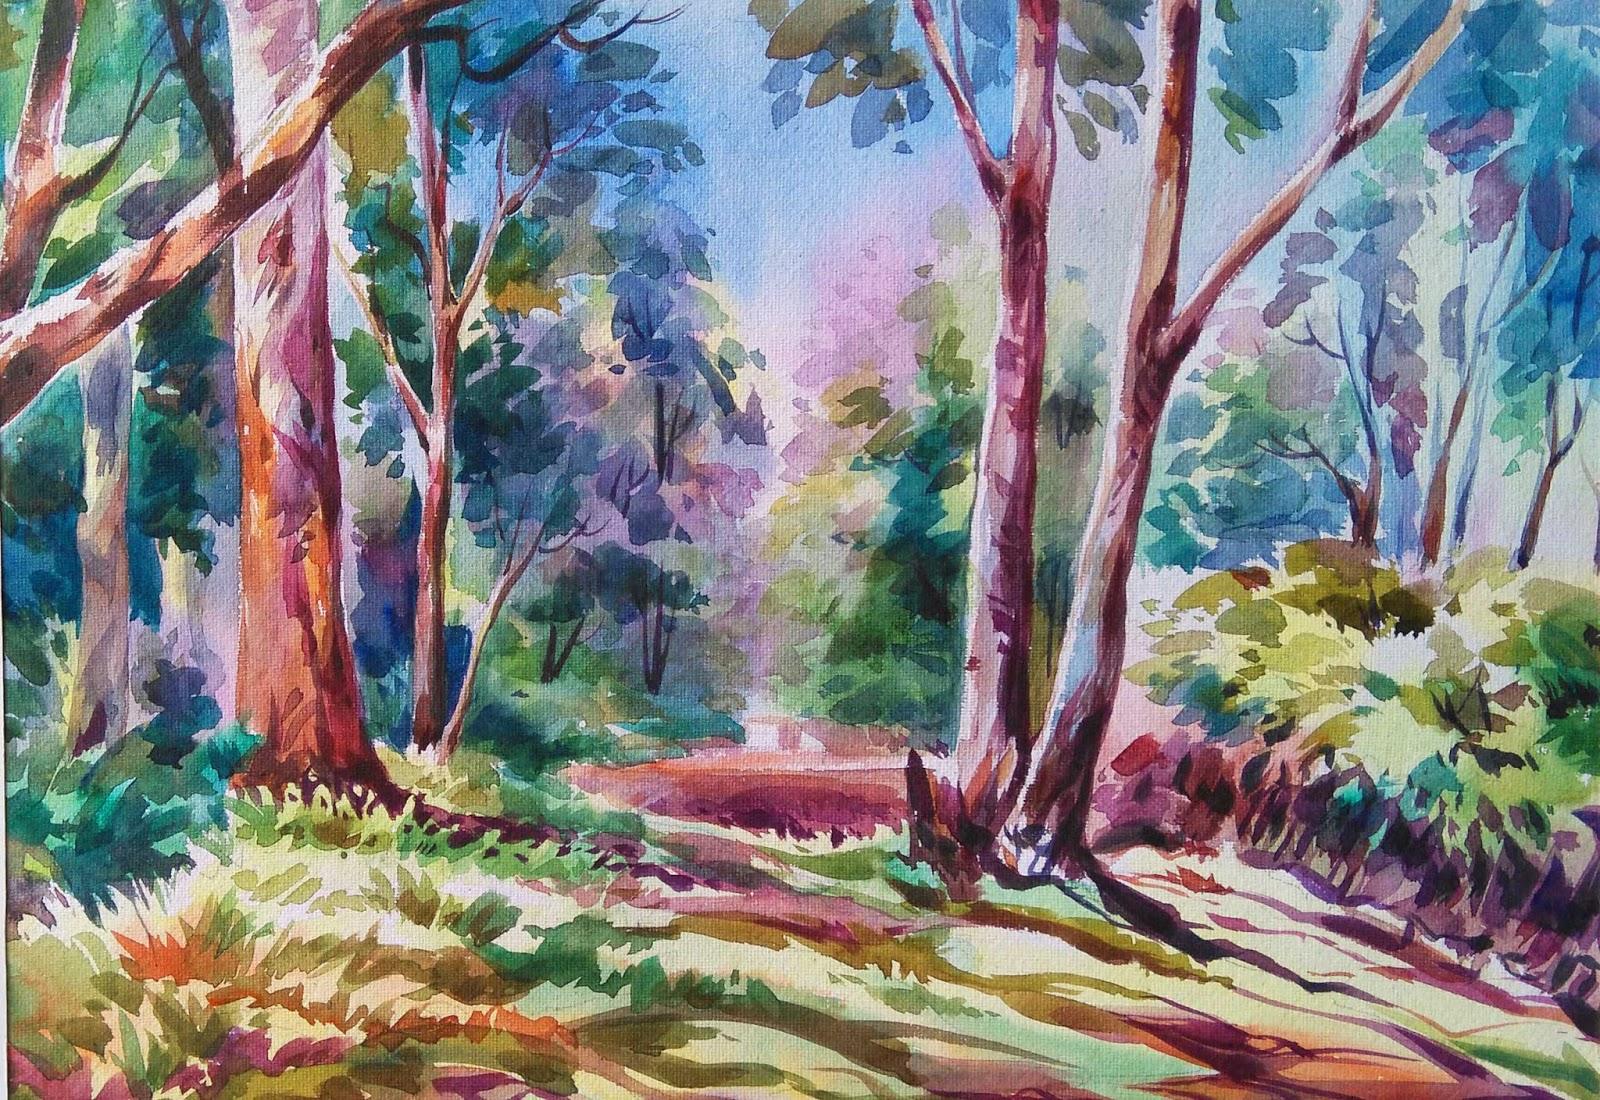 Color Pencil Drawings Landscape - Landscape Ideas